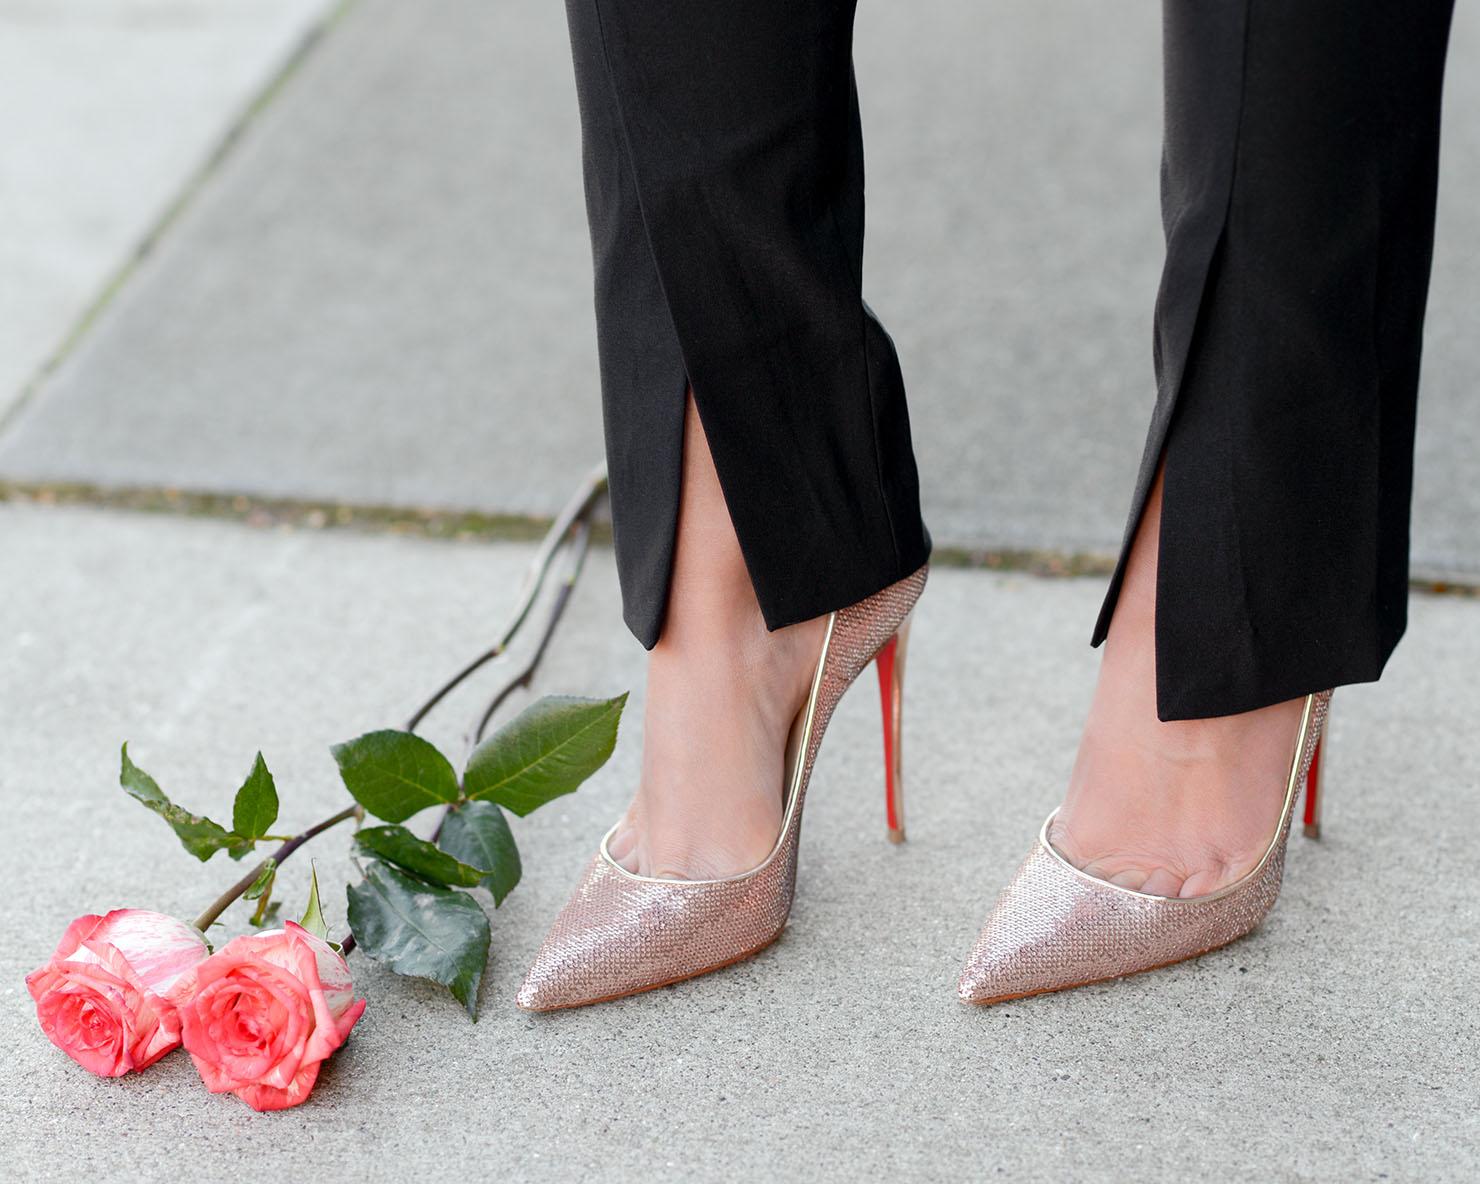 9767fab7b301 ... shopping lifestyle blogger kelsey kaplan fashion wearing christian  louboutin so kate pump 2d5e8 a666e